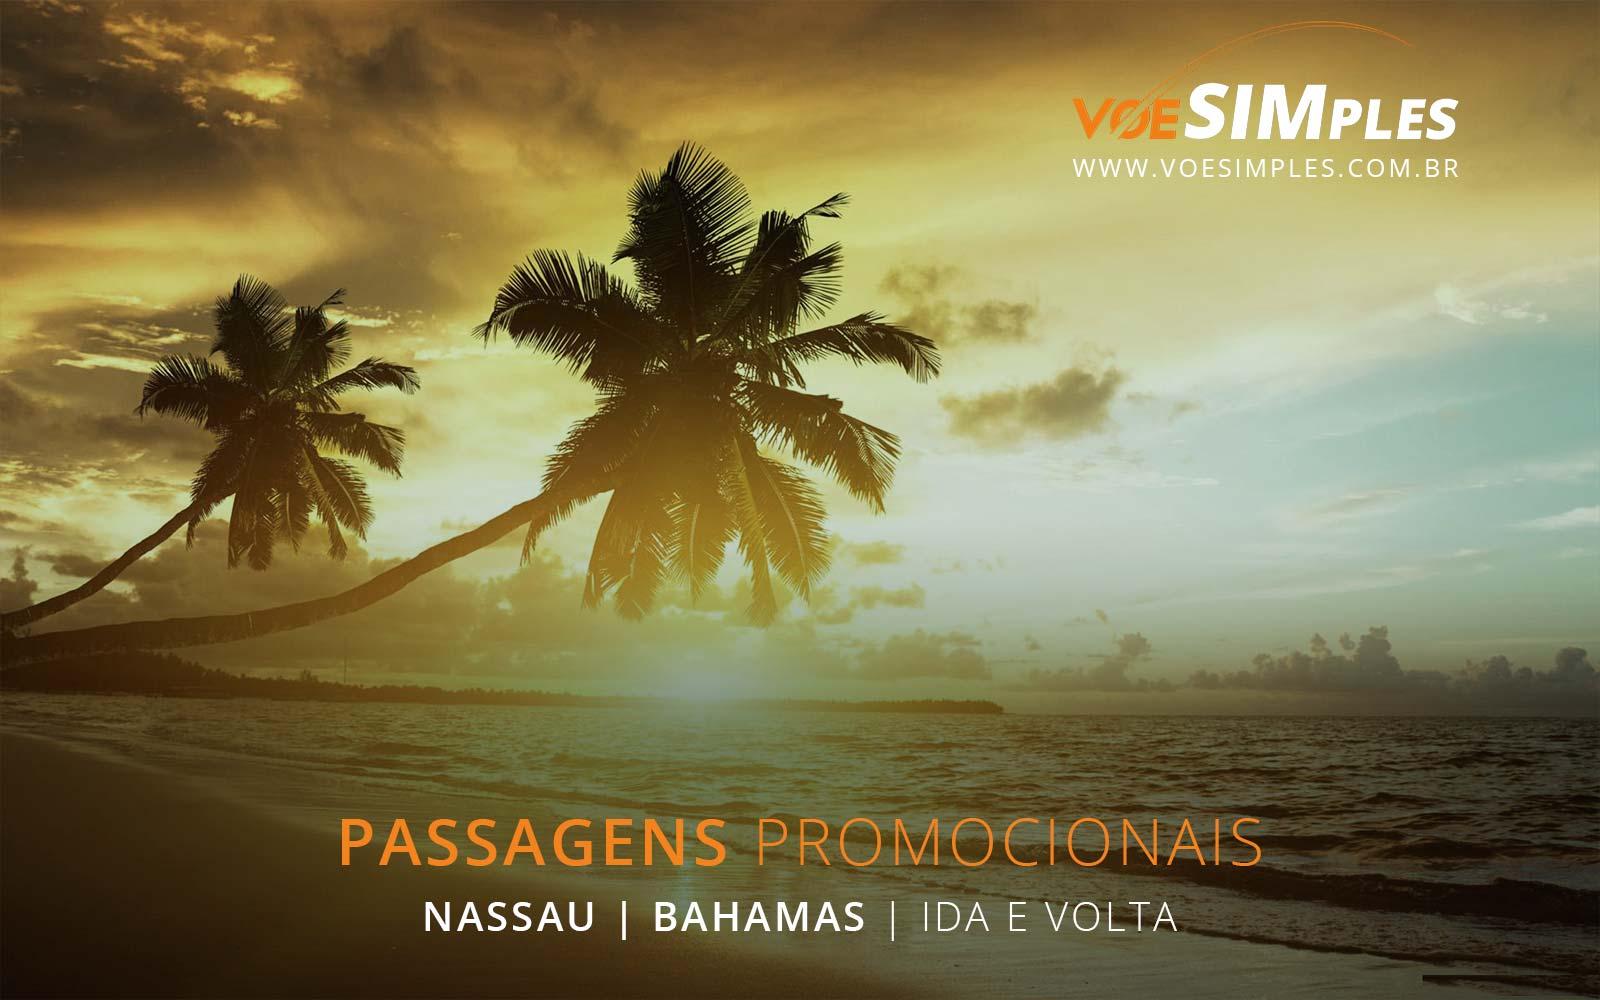 Passagens aéreas promocionais para Nassau nas Bahamas